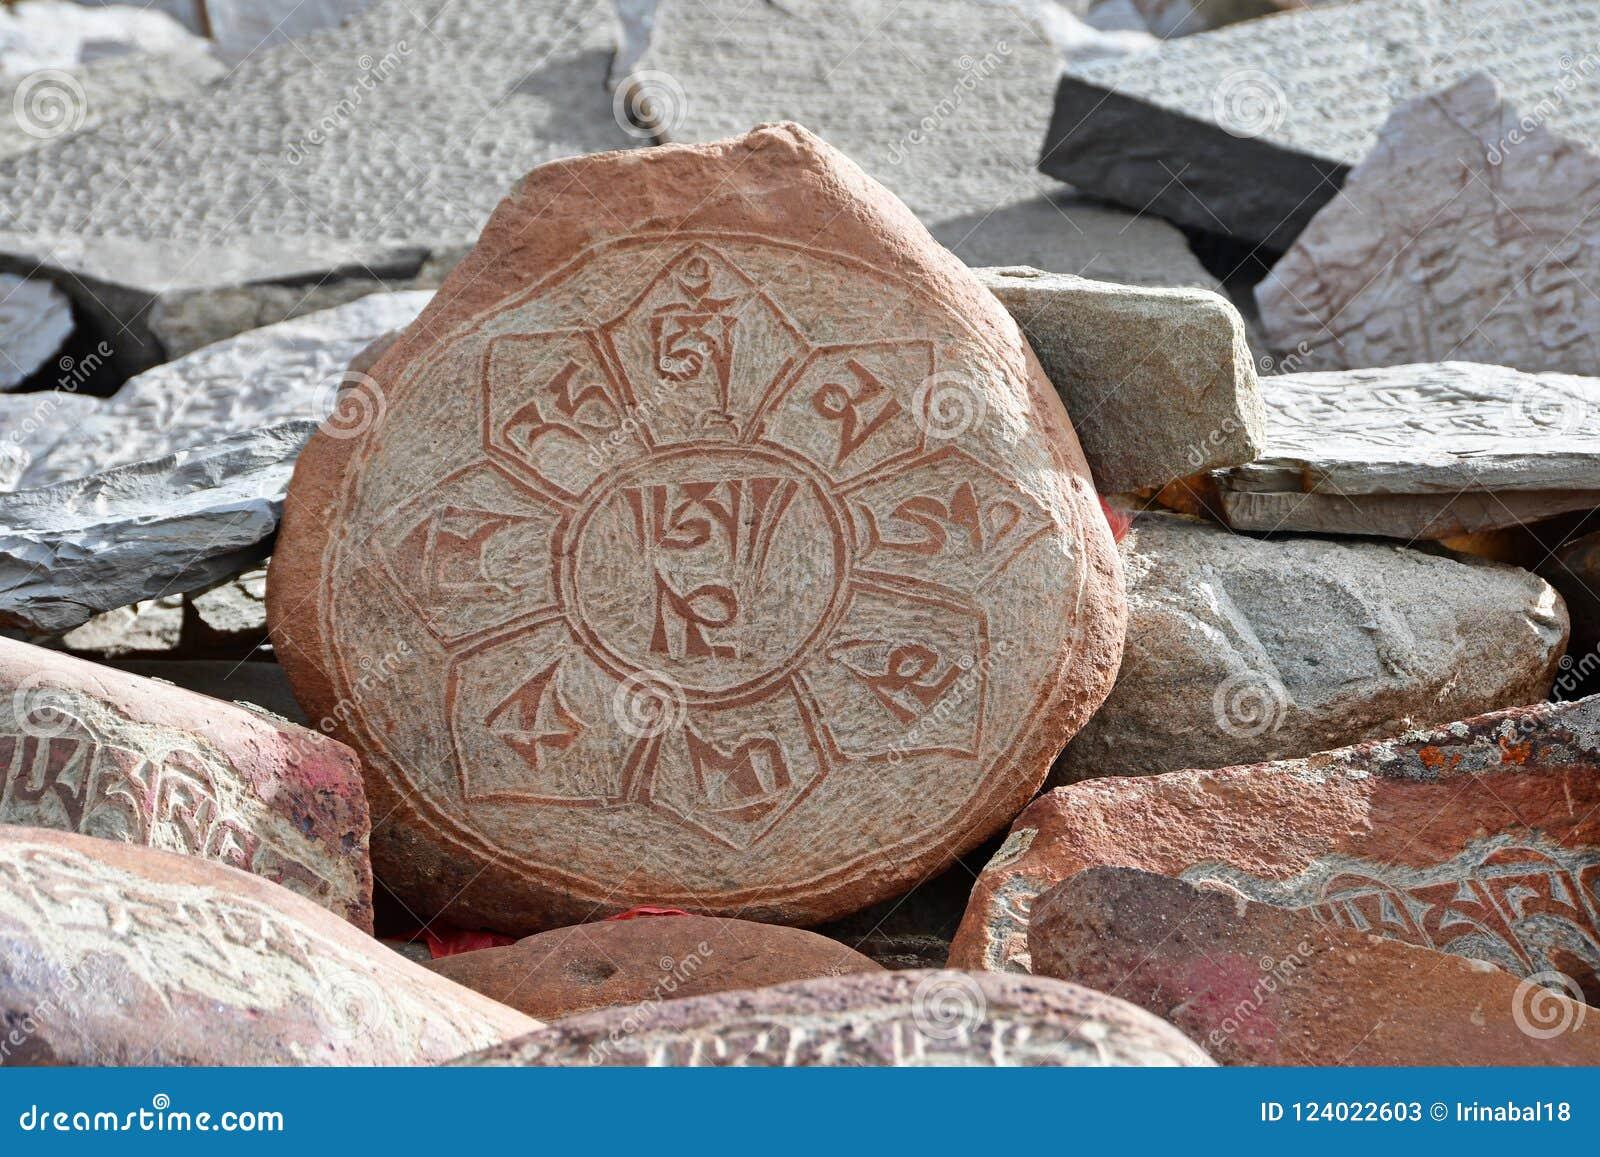 Buddhistische Gebetssteine mit tibetanischen Aufschriften und Ritualzeichnungen auf der Spur von der Stadt von Dorchen um den Kai